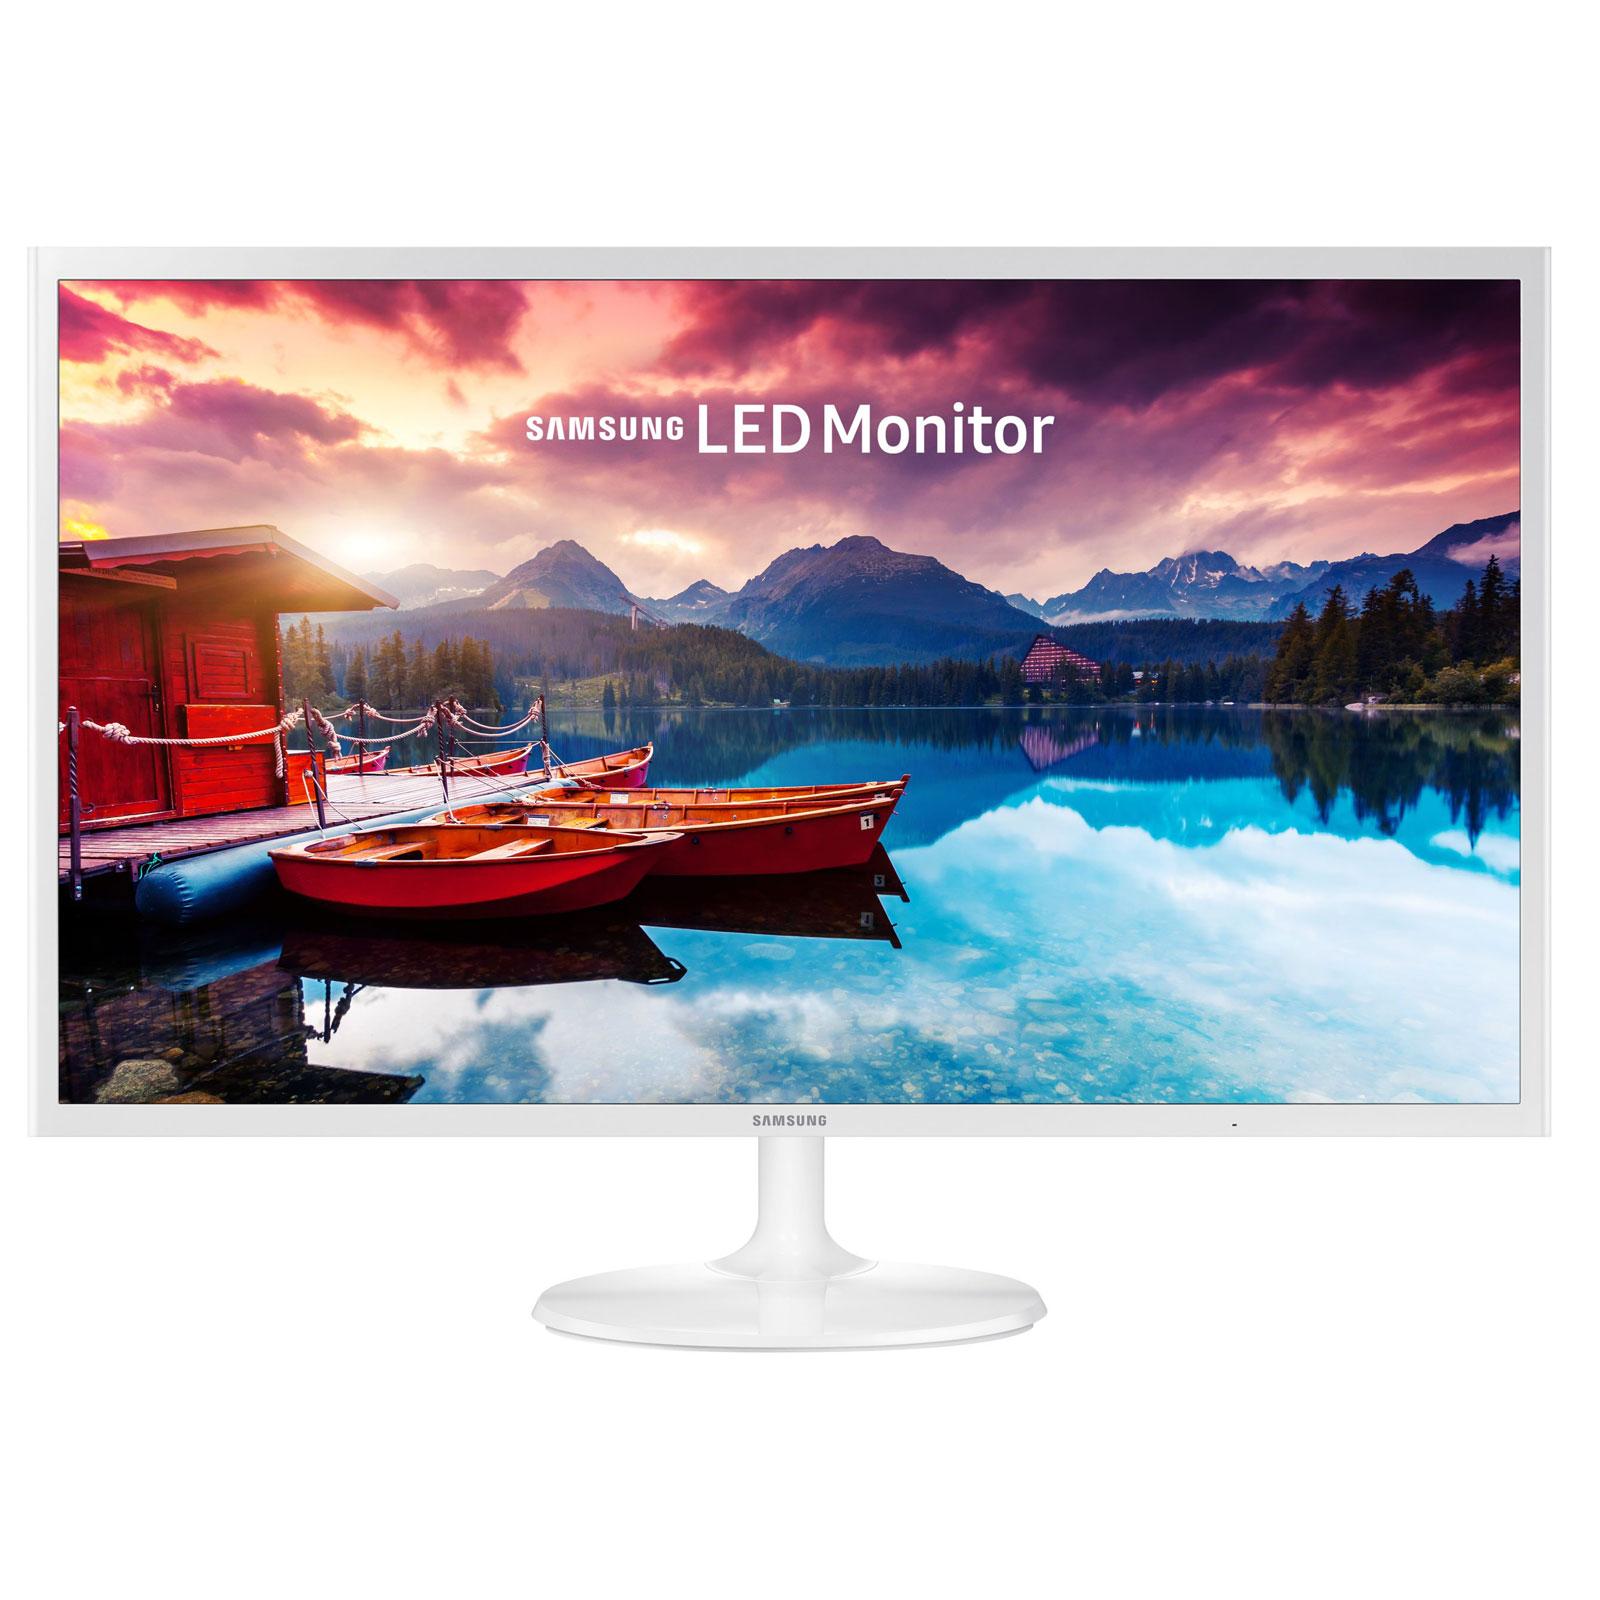 """Ecran PC Samsung 32"""" LED - S32F351H 1920 x 1080 pixels - 5 ms (gris à gris) - Format large 16/9 - HDMI - Blanc (garantie constructeur 3 ans)"""